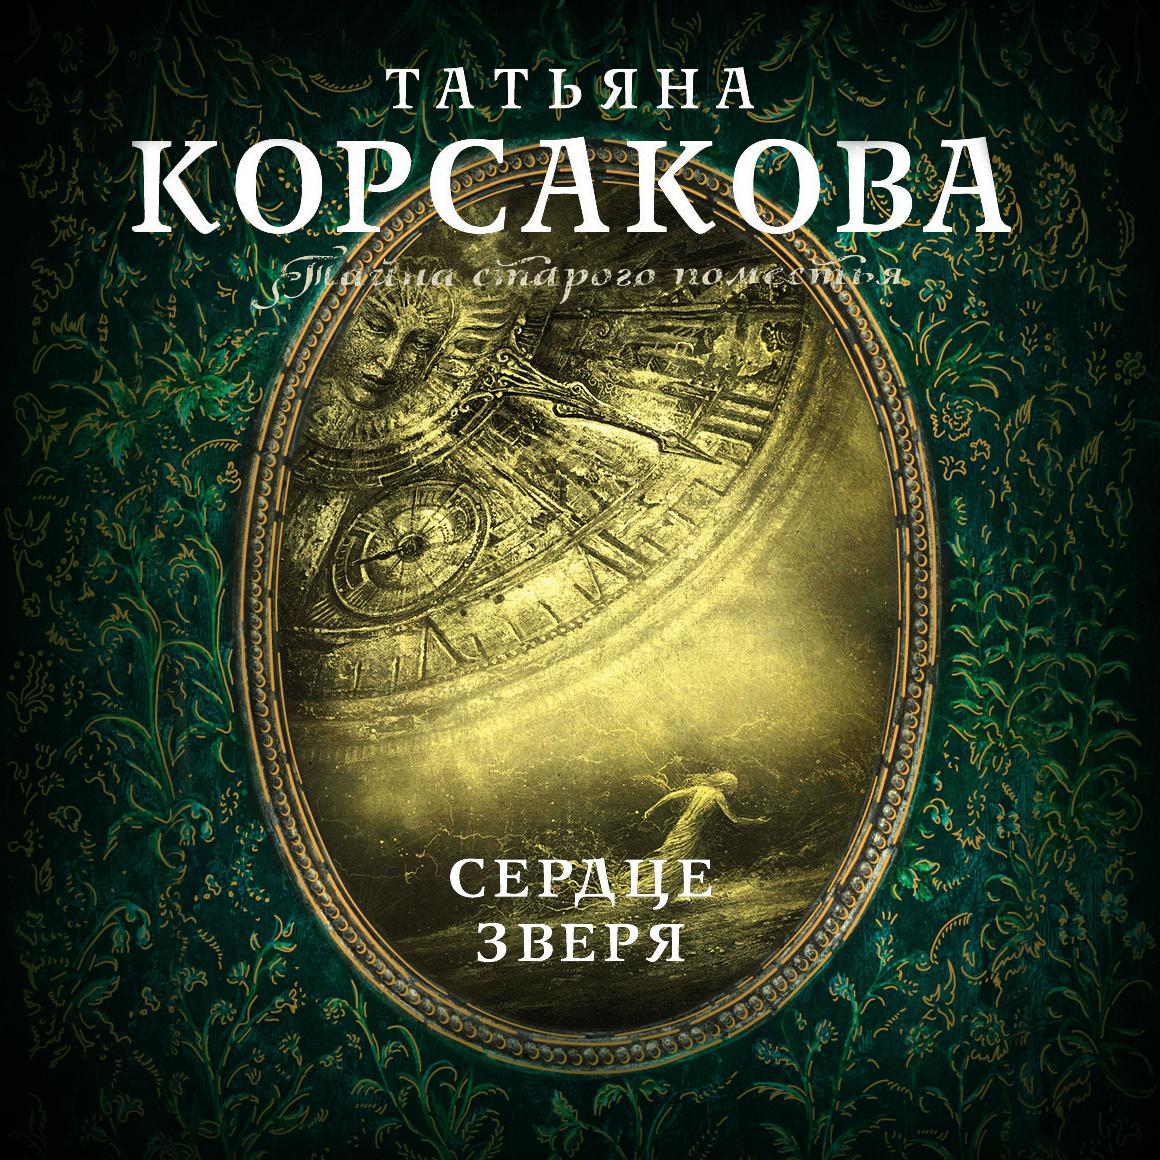 цена на Татьяна Корсакова Сердце зверя